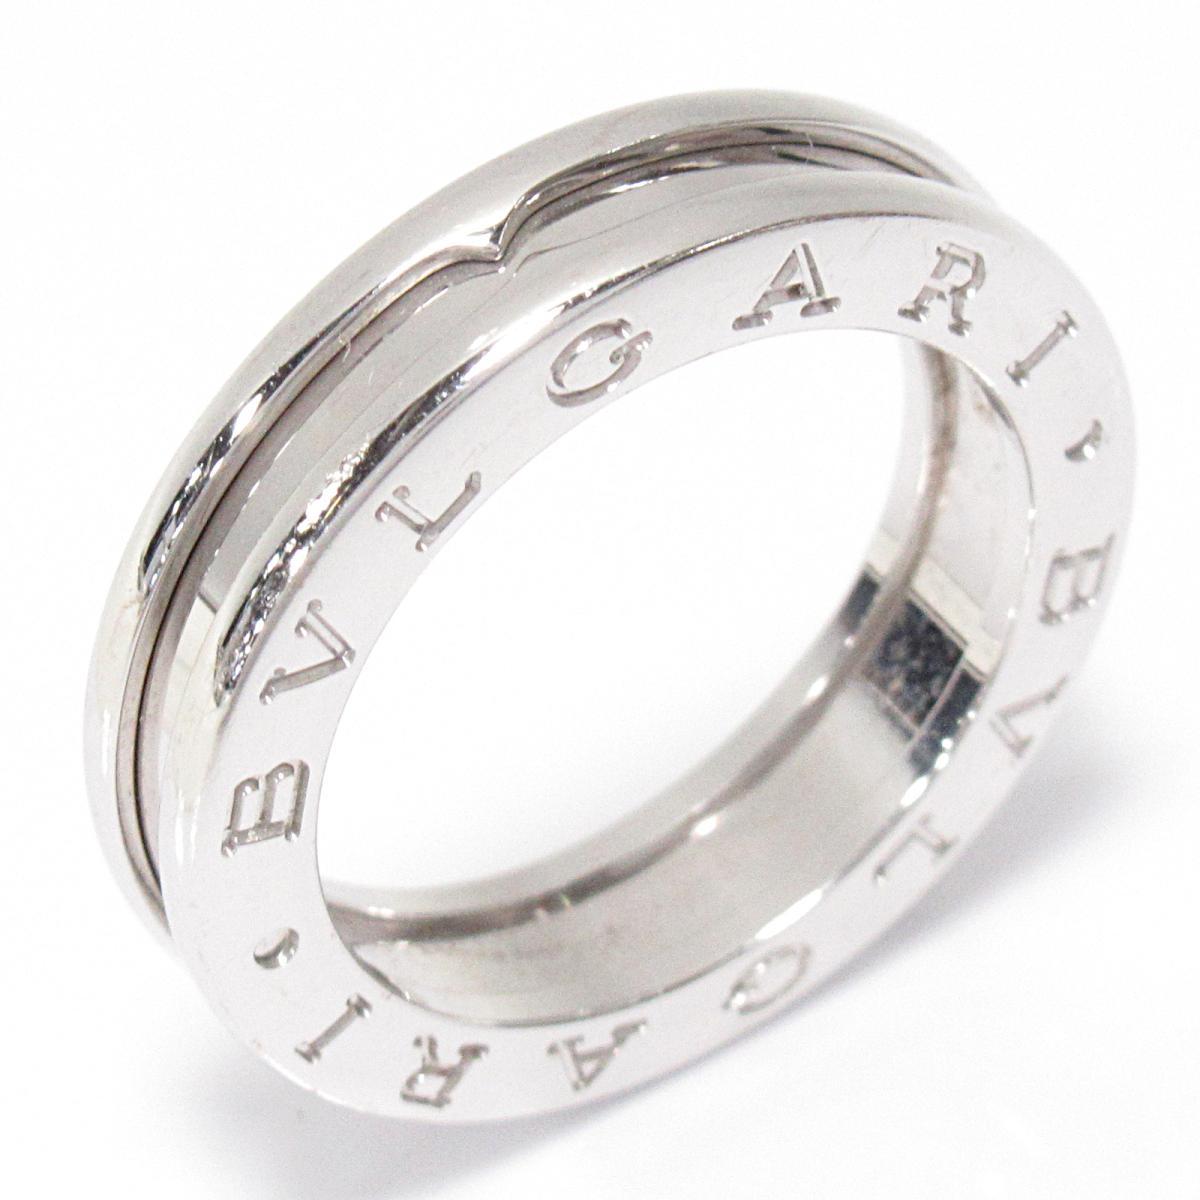 【中古】 ブルガリ B-zero1 ビーゼロワンリング 指輪 x Sサイズ メンズ レディース K18WG (750) ホワイトゴールド | BVLGARI BRANDOFF ブランドオフ ブランド ジュエリー アクセサリー リング